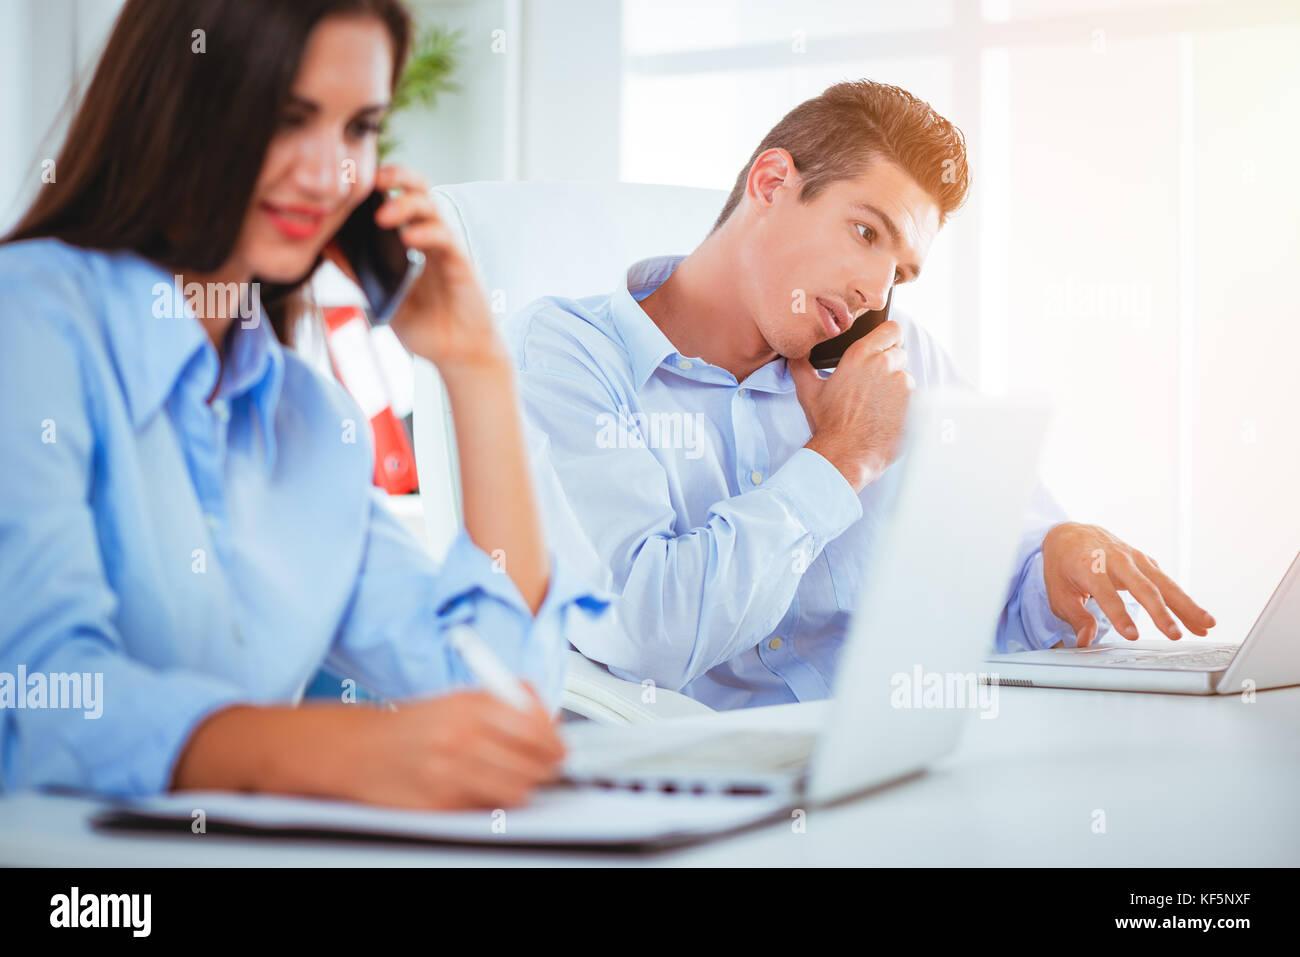 Zwei Geschäftsleute im Büro Tisch sitzen. Frau ist Schreiben und Verwenden von Smartphone und Laptop Mann. Stockbild